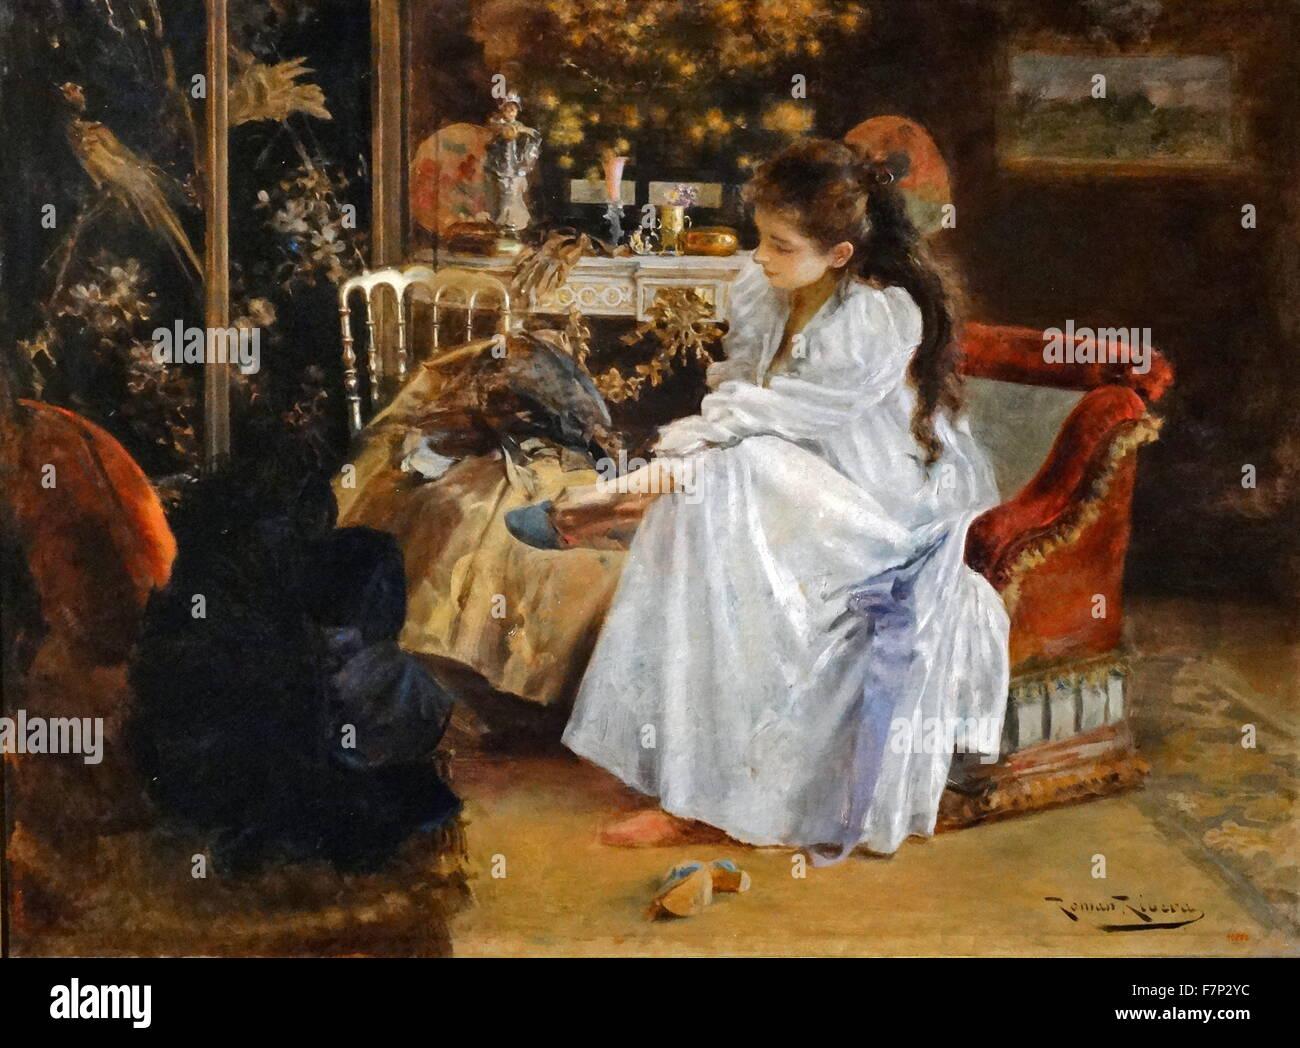 """Gemälde mit dem Titel """"The Soirée"""" von katalanischen Maler Romà Ribera (1849-1935). Vom Stockbild"""